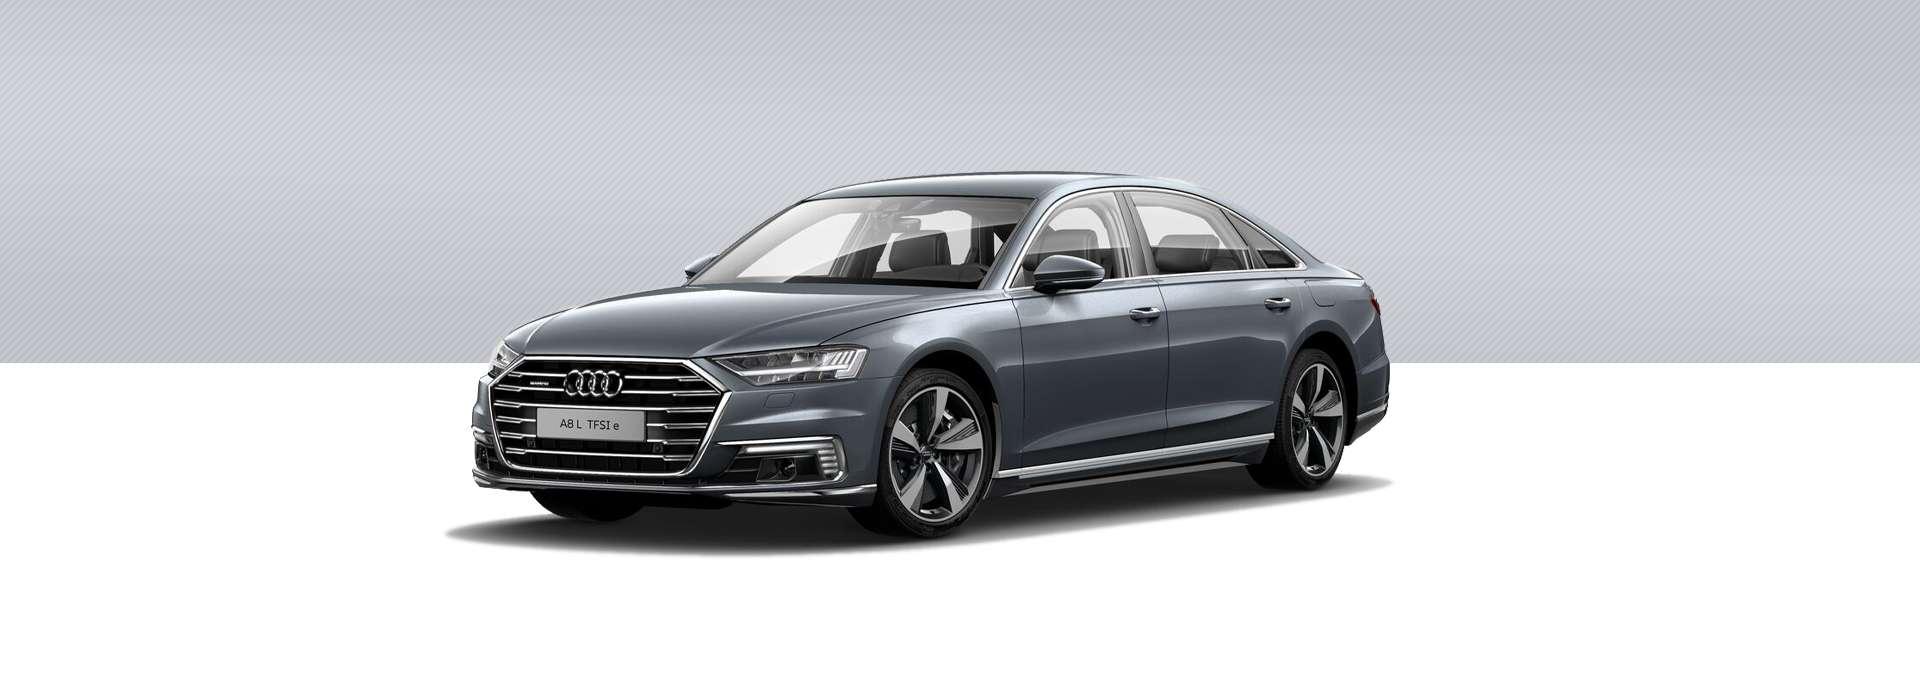 Audi Nuevo A8 L TFSIe